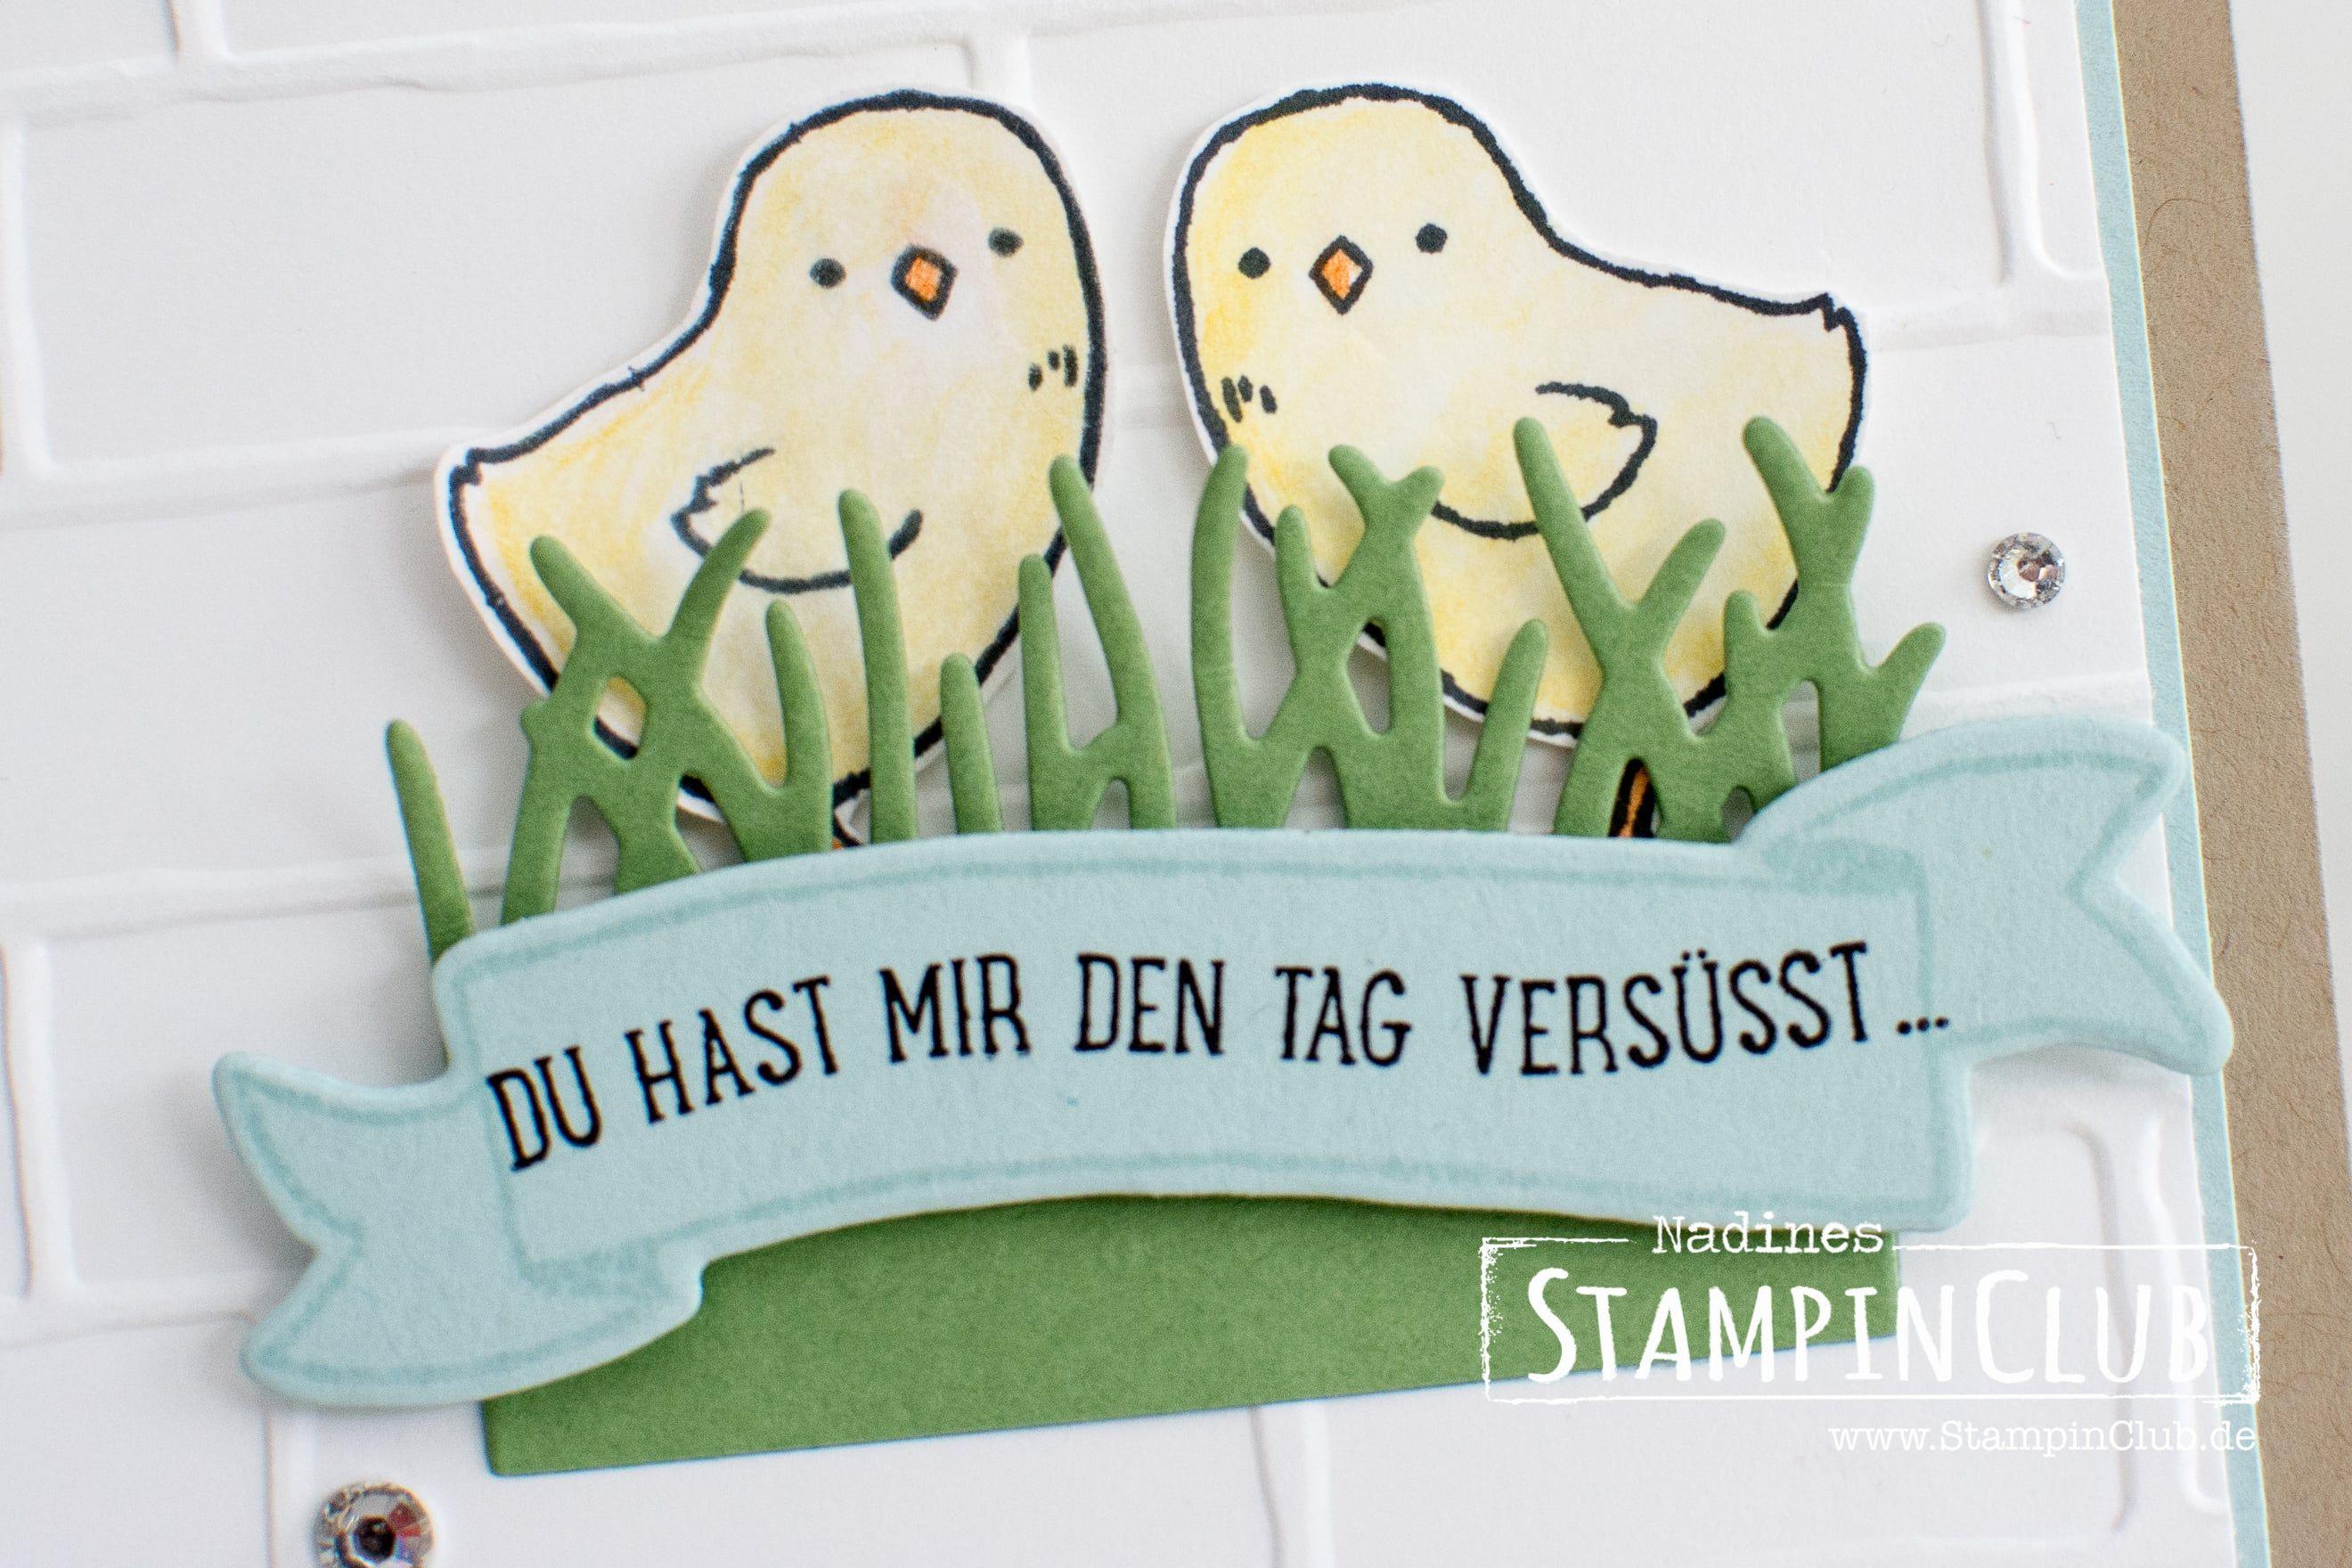 Spiegeltechnik - Little Cuties - StampinClub